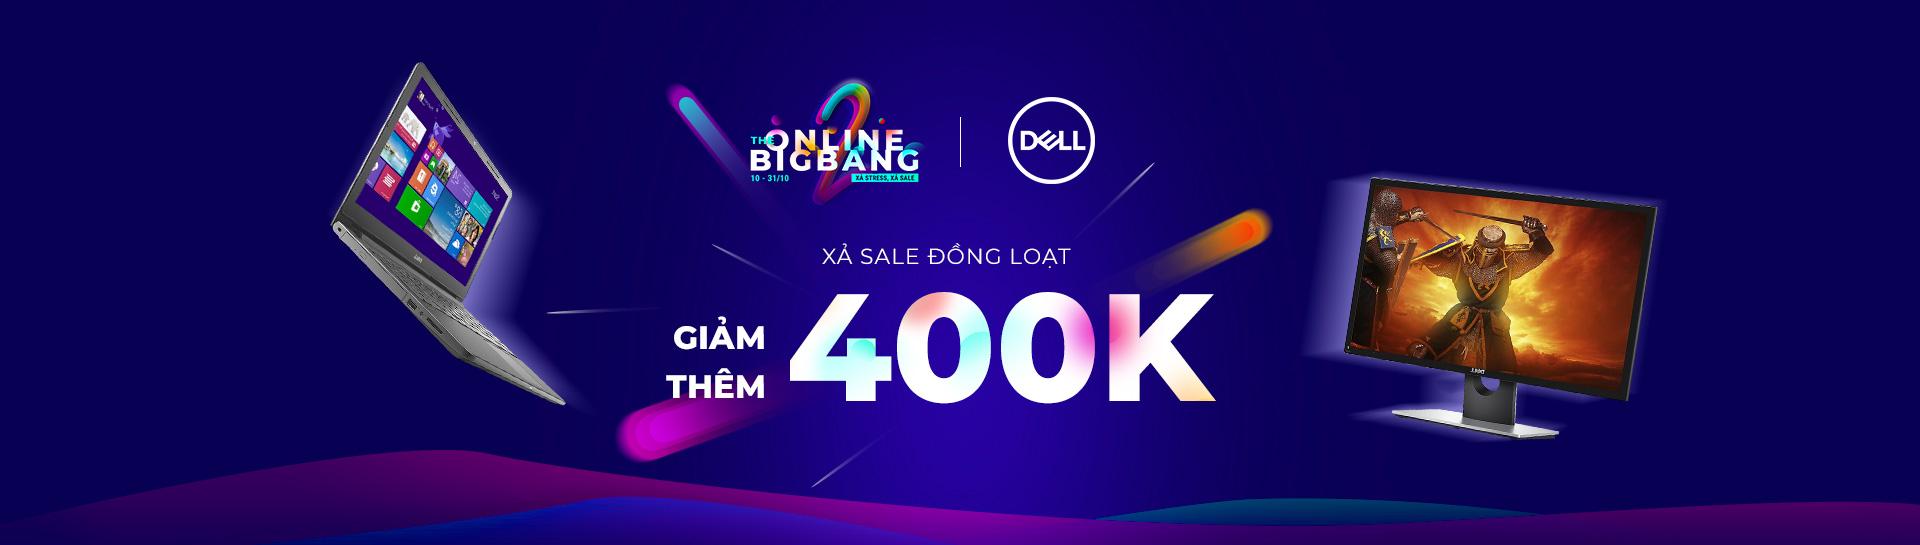 Dell - Giảm Thêm Tới 400K - Chỉ Trong Tháng 10